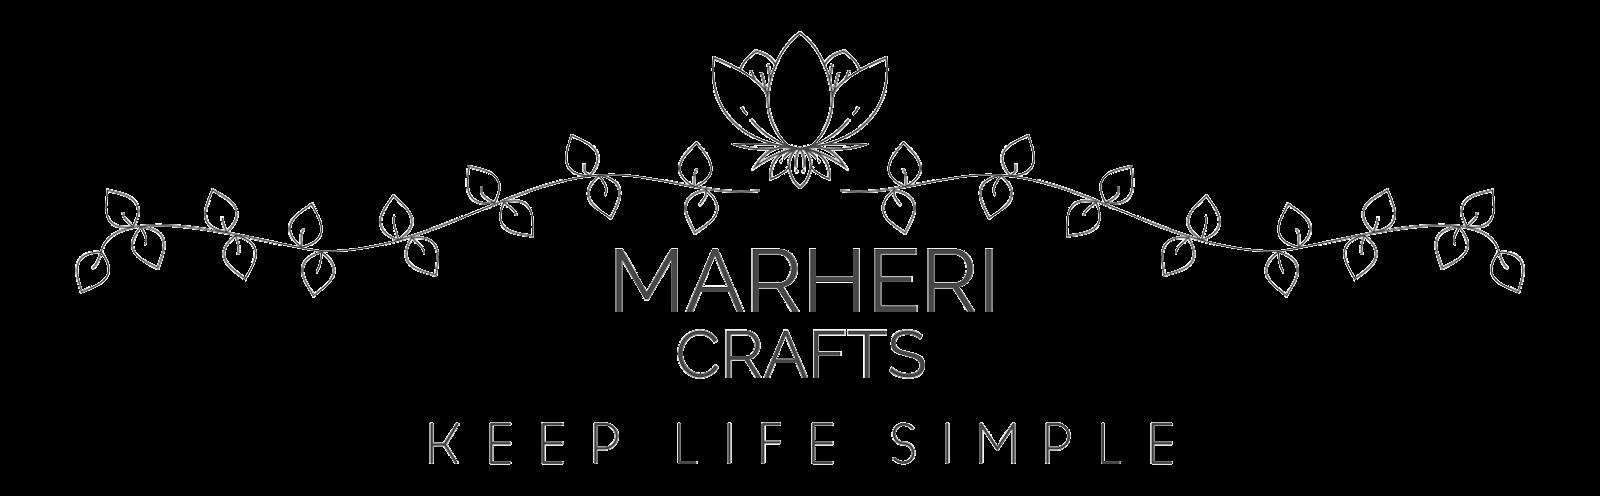 Marheri Crafts